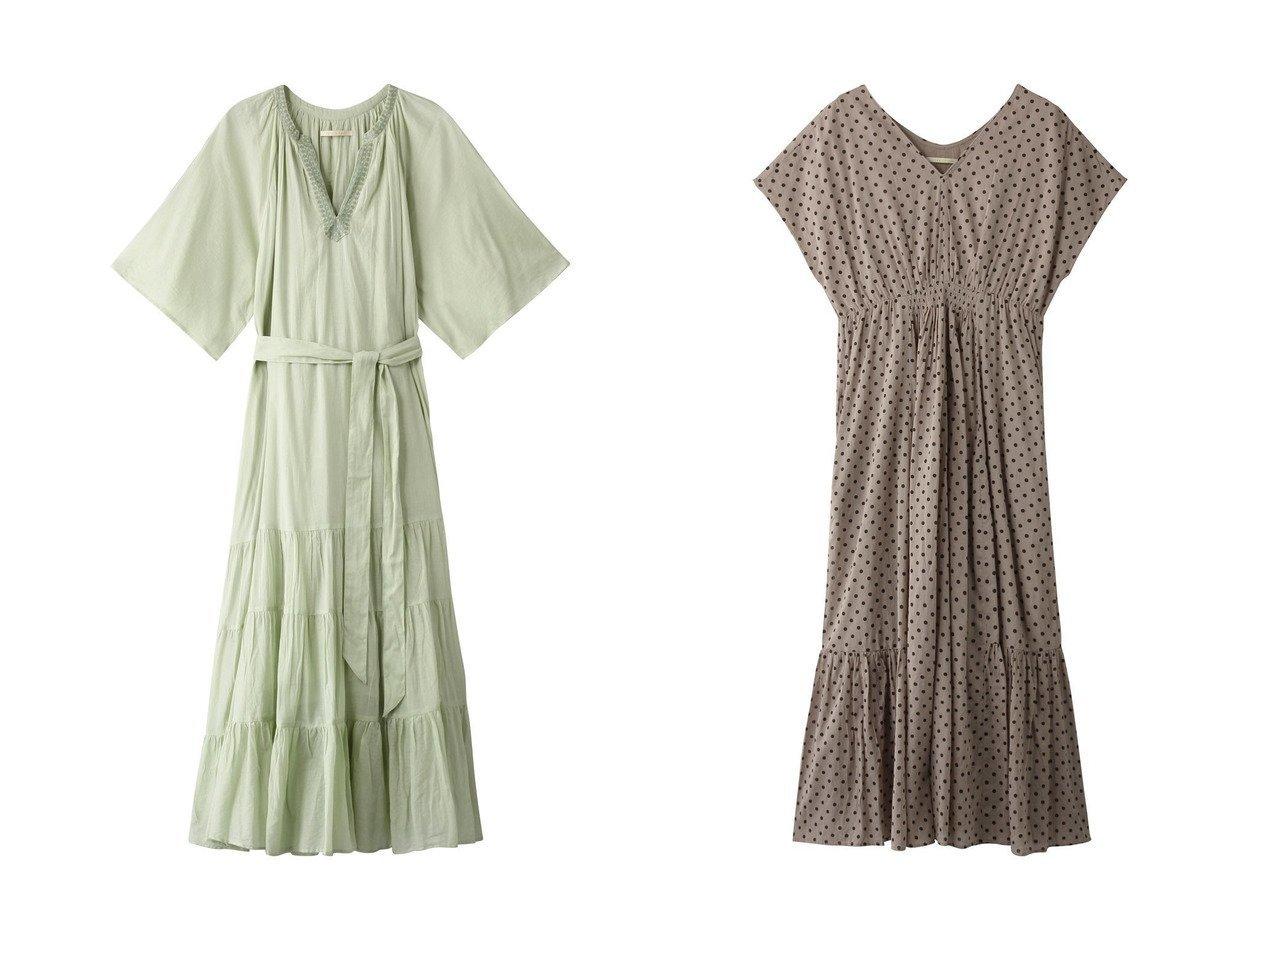 【NE QUITTEZ PAS/ヌキテパ】のコットンボイルティアードエンブロイダリードレス&ボイルドットプリントフレンチスリーブドレス 【ワンピース・ドレス】おすすめ!人気、トレンド・レディースファッションの通販 おすすめで人気の流行・トレンド、ファッションの通販商品 インテリア・家具・メンズファッション・キッズファッション・レディースファッション・服の通販 founy(ファニー) https://founy.com/ ファッション Fashion レディースファッション WOMEN ワンピース Dress ドレス Party Dresses スリーブ デコルテ ドット ドレス バランス フェミニン フレンチ ロング 定番 Standard S/S・春夏 SS・Spring/Summer ハンド 夏 Summer 春 Spring  ID:crp329100000049456